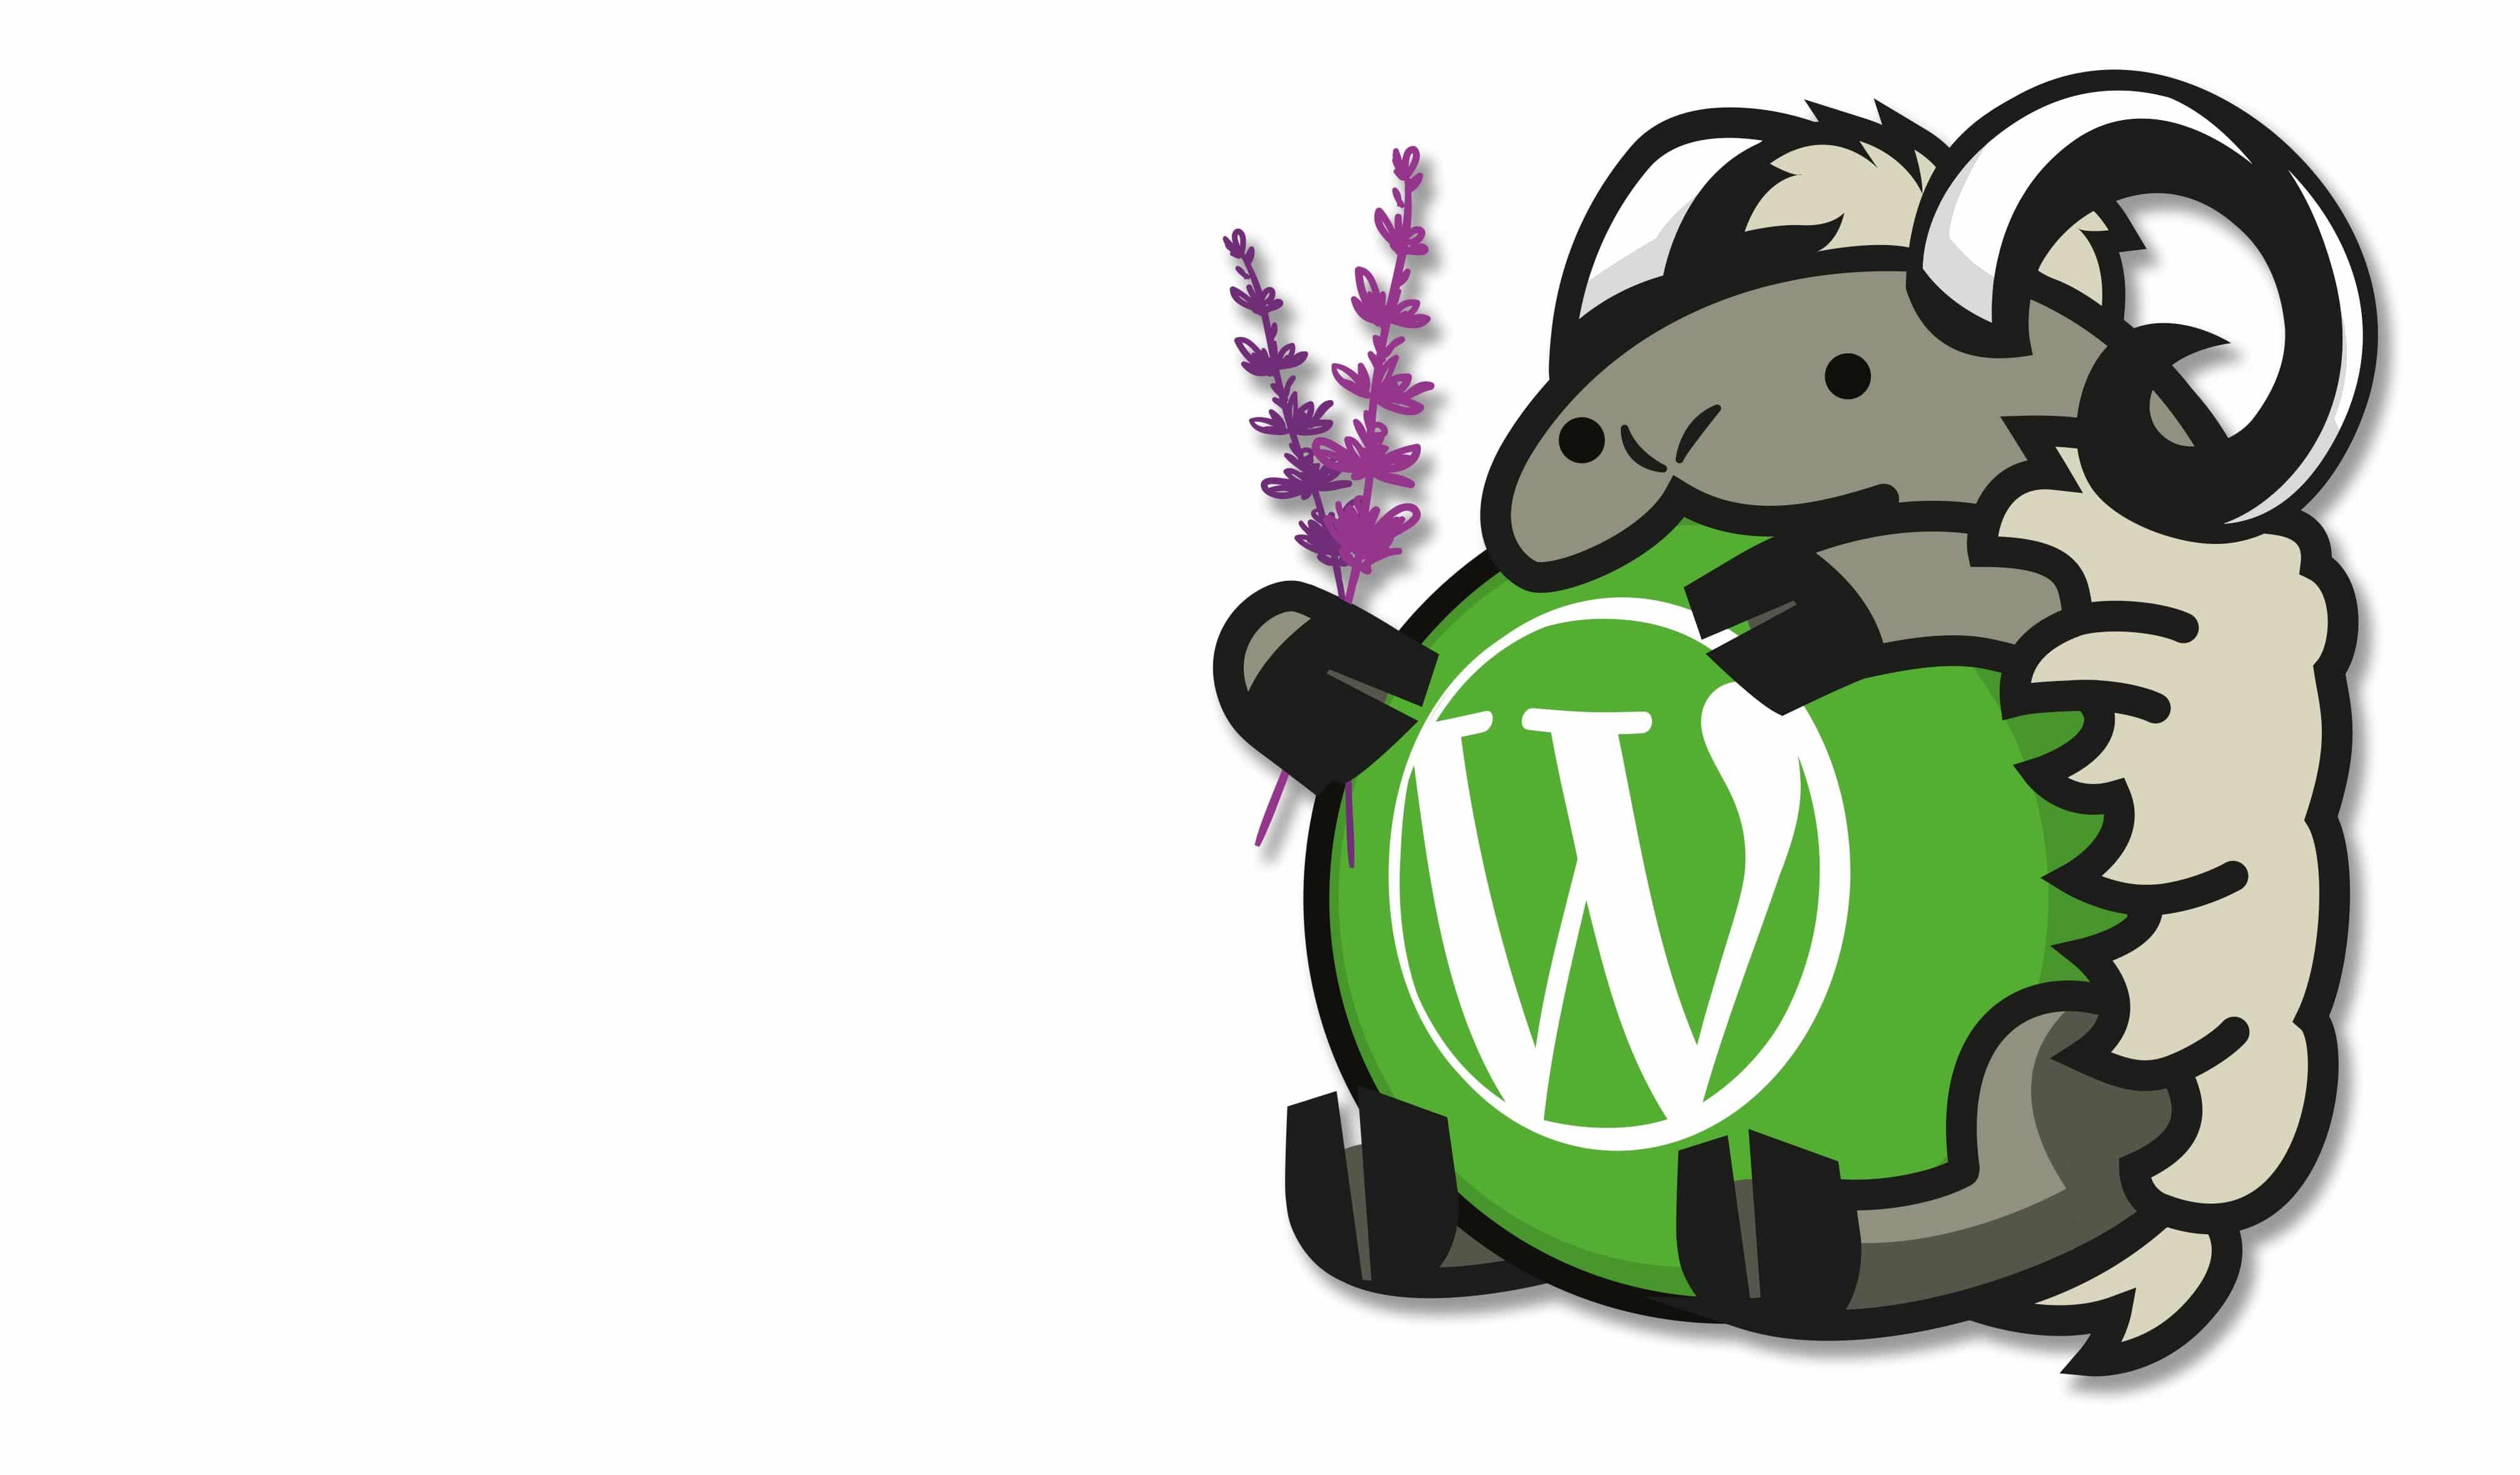 Der Wapuu vom WordCamp Retreat in Soltau 2018 /// Hasegold entwickelte den Charakter und den WordCamp Auftritt